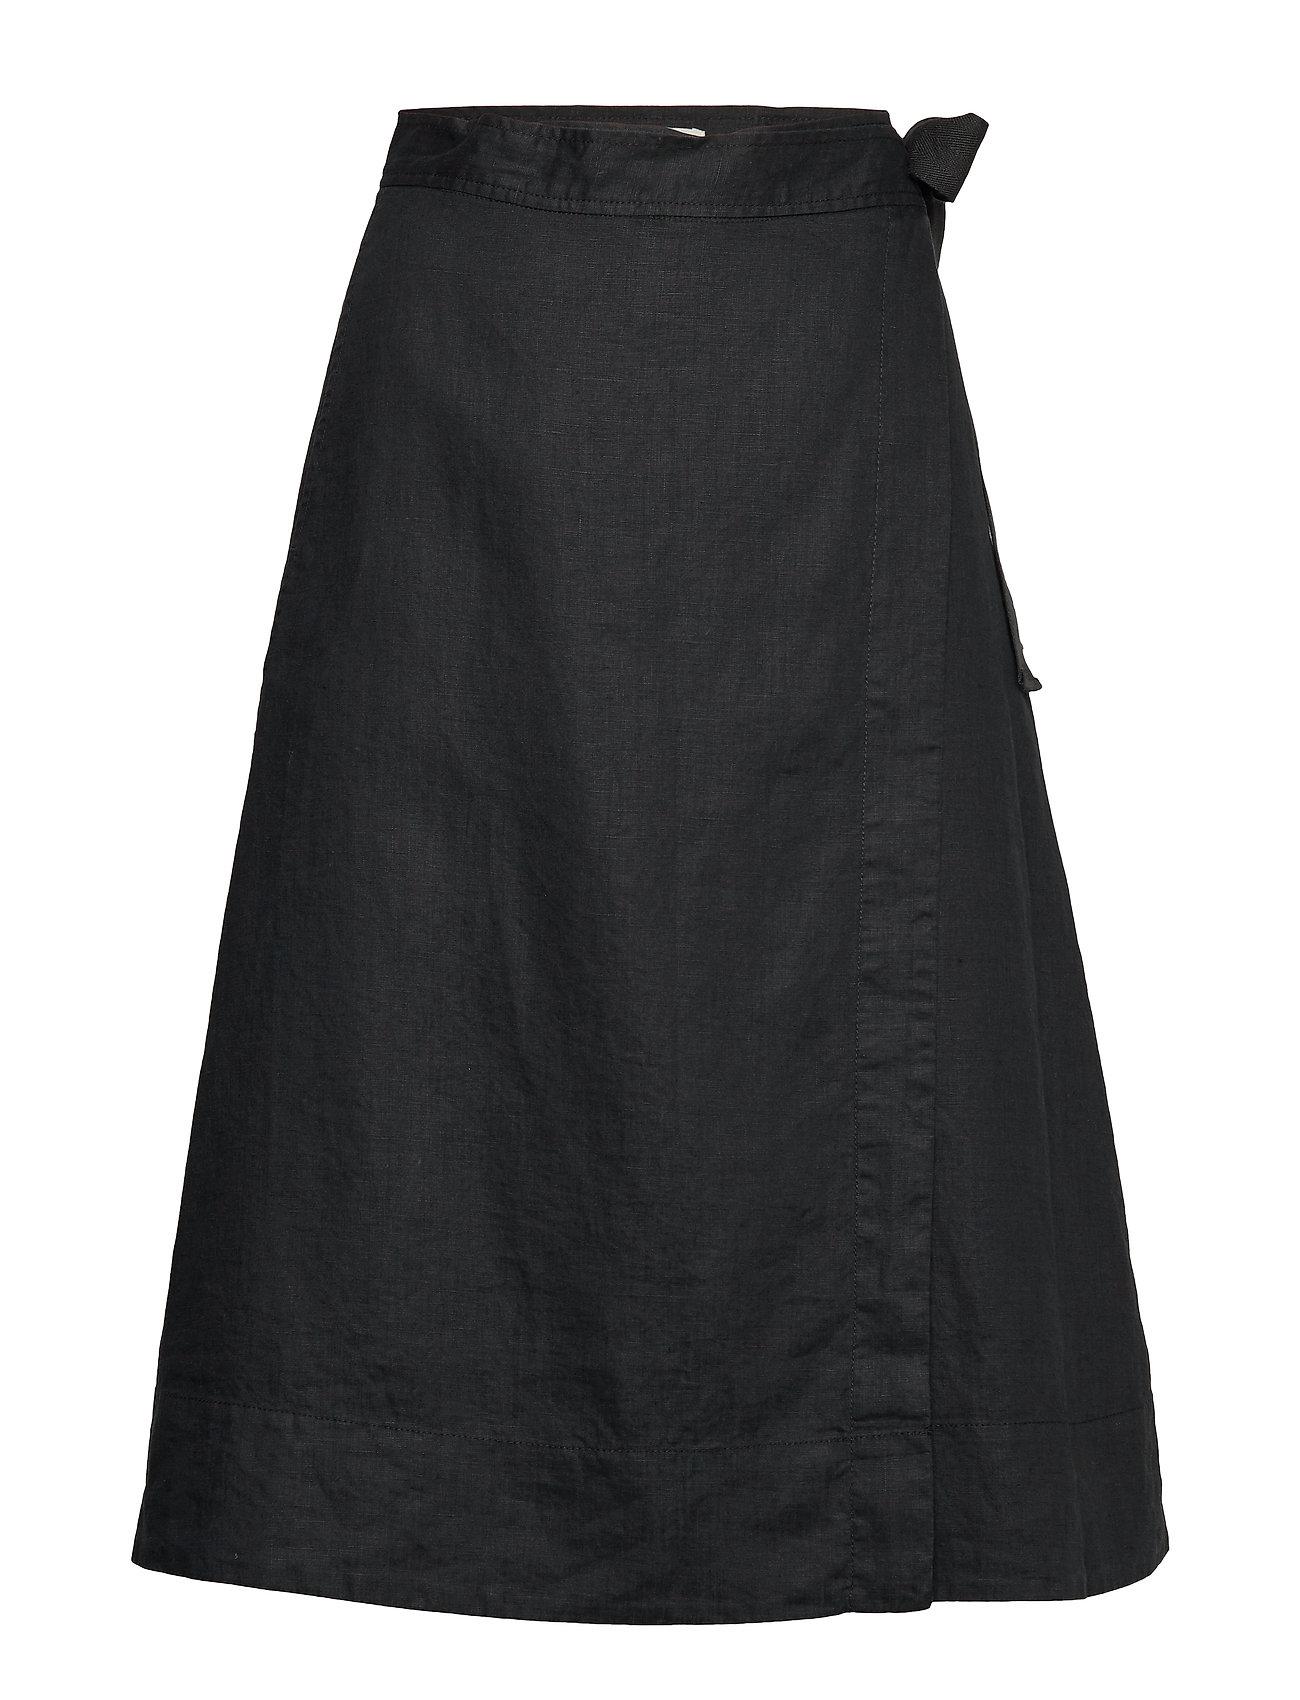 Noa Noa Skirt - BLACK